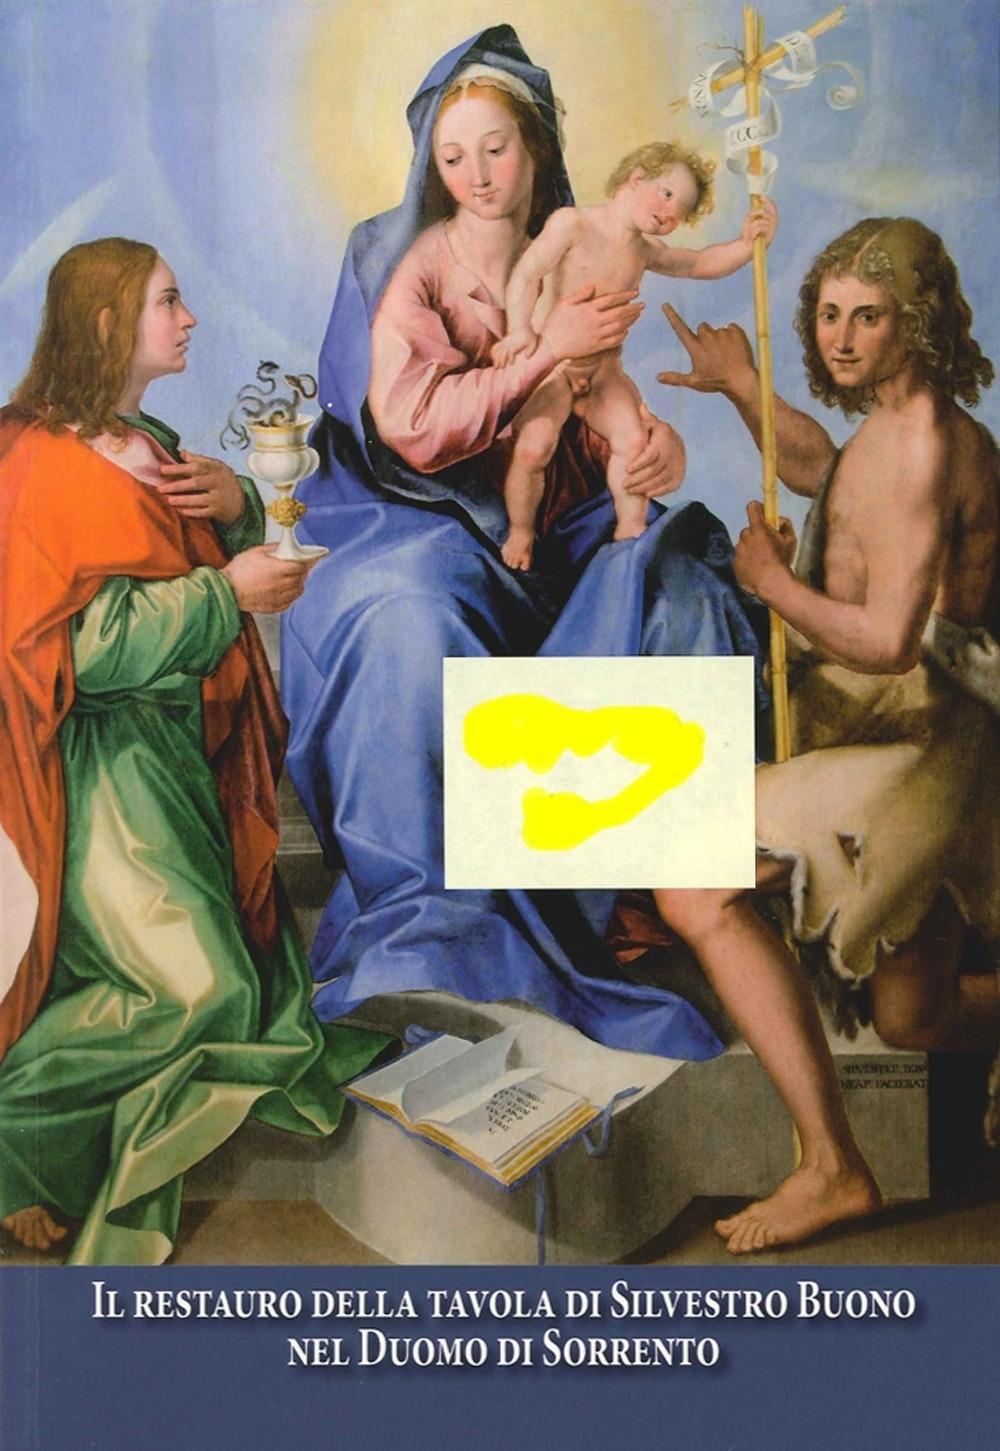 Il restauro della tavola di Silvestro Buono nel Duomo di Sorrento